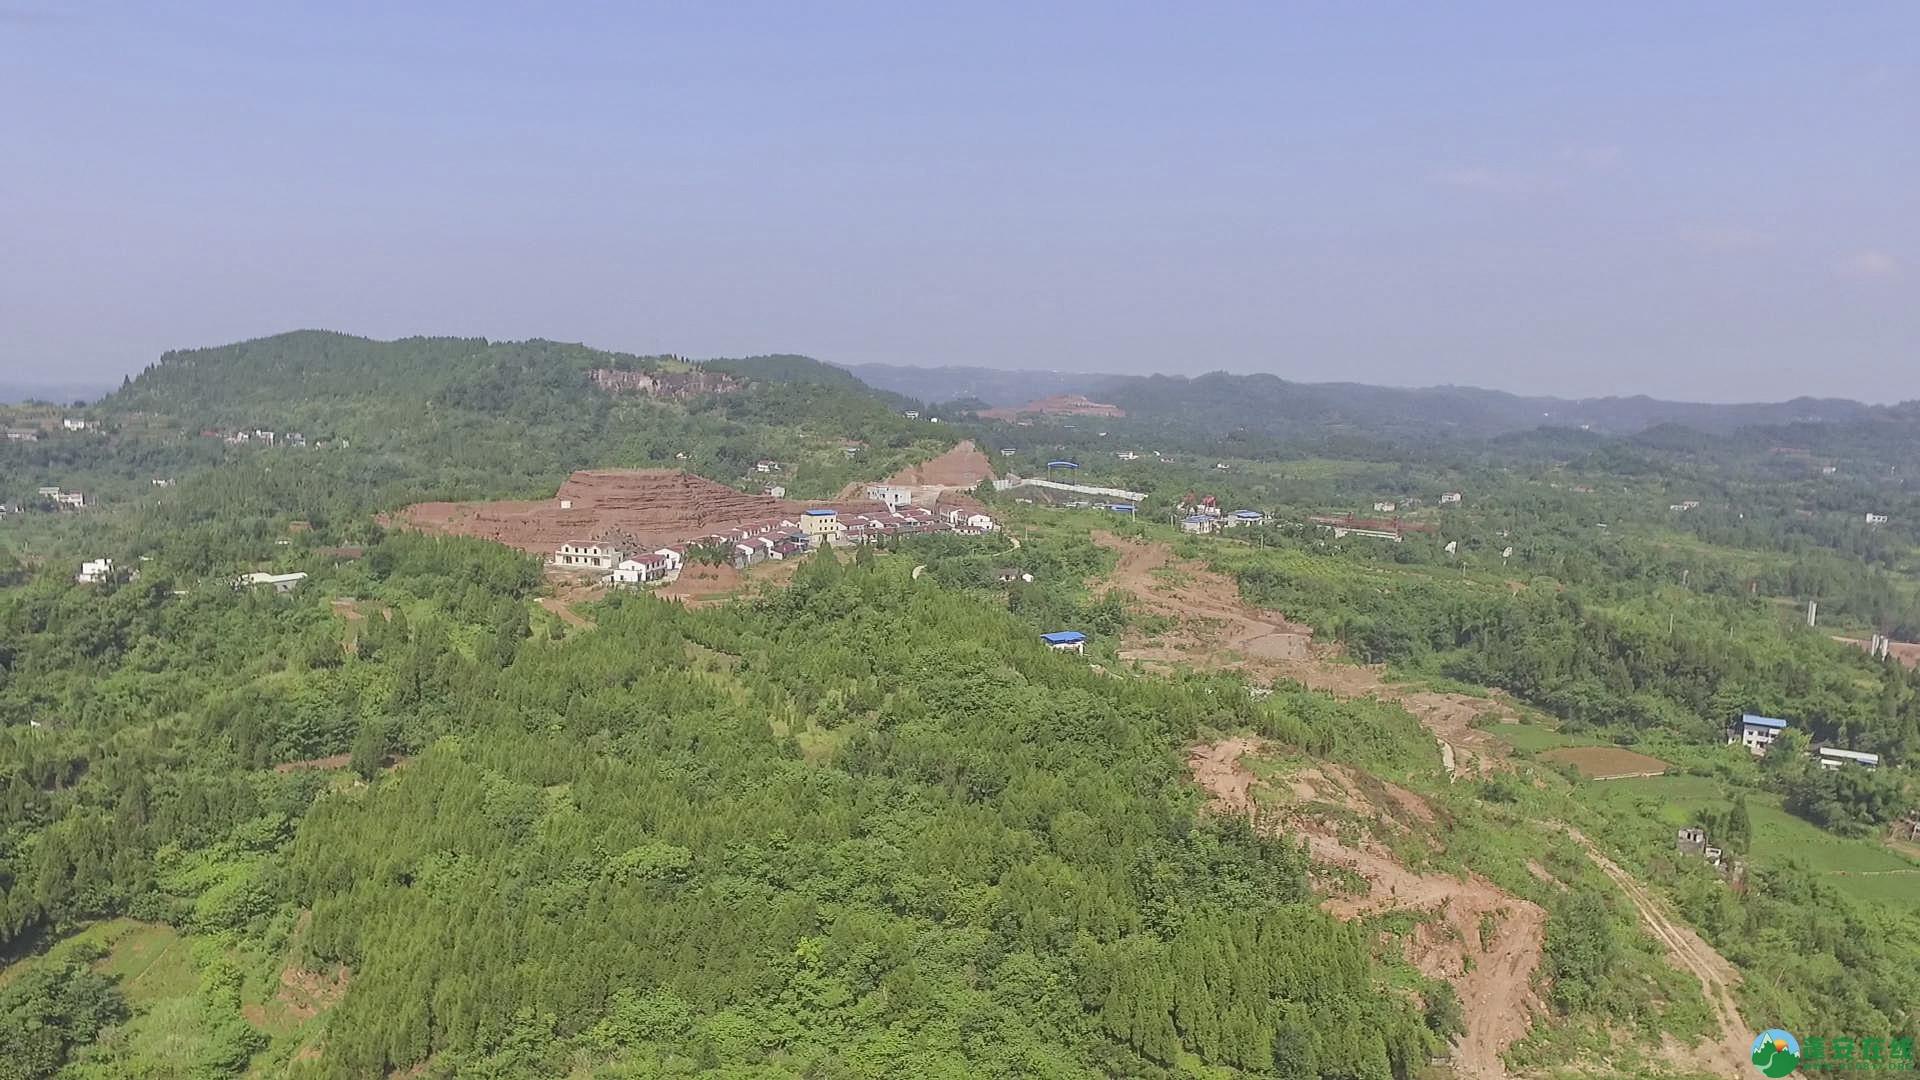 蓬安锦屏段S305省道改线工程进展 - 第14张  | 蓬安在线